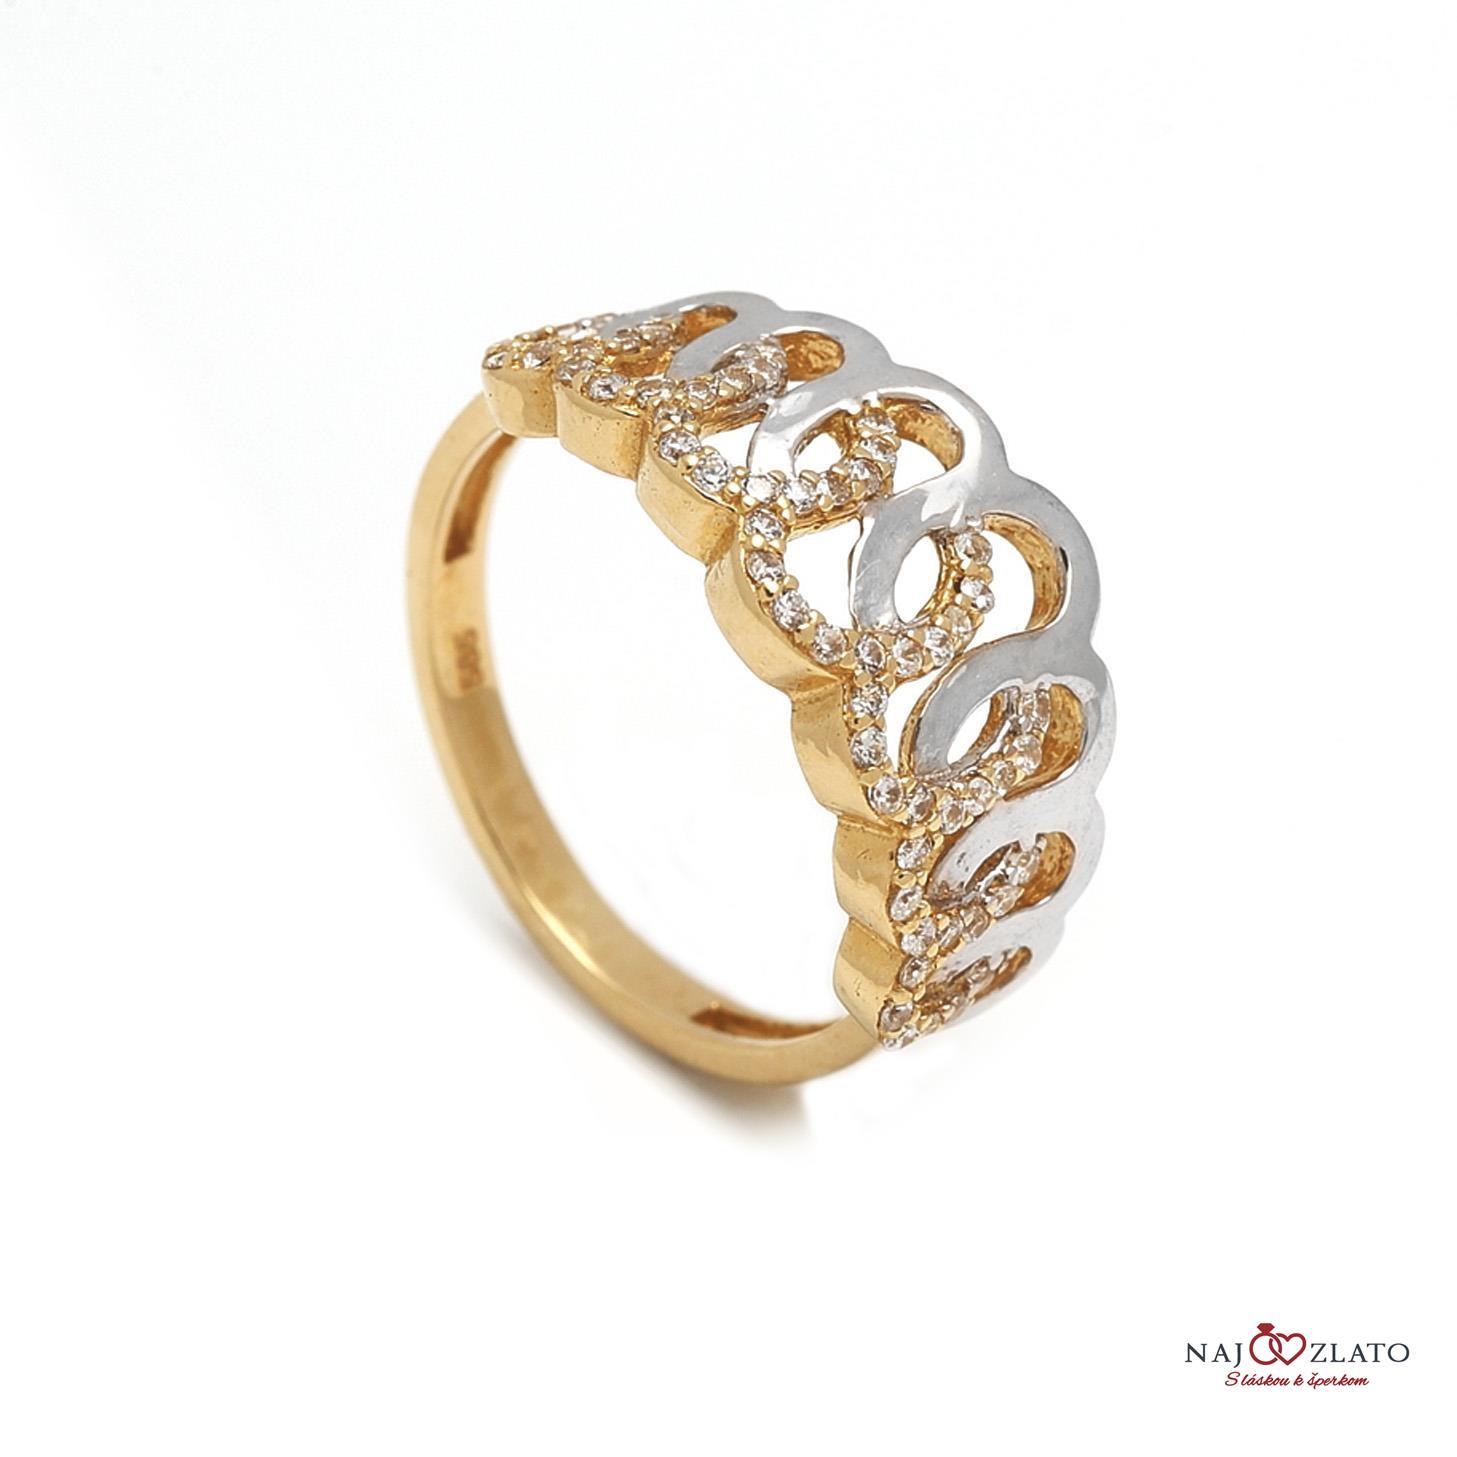 979e4aed7 Zlatý dámsky prsteň GIACHETTA   Najzlato.sk